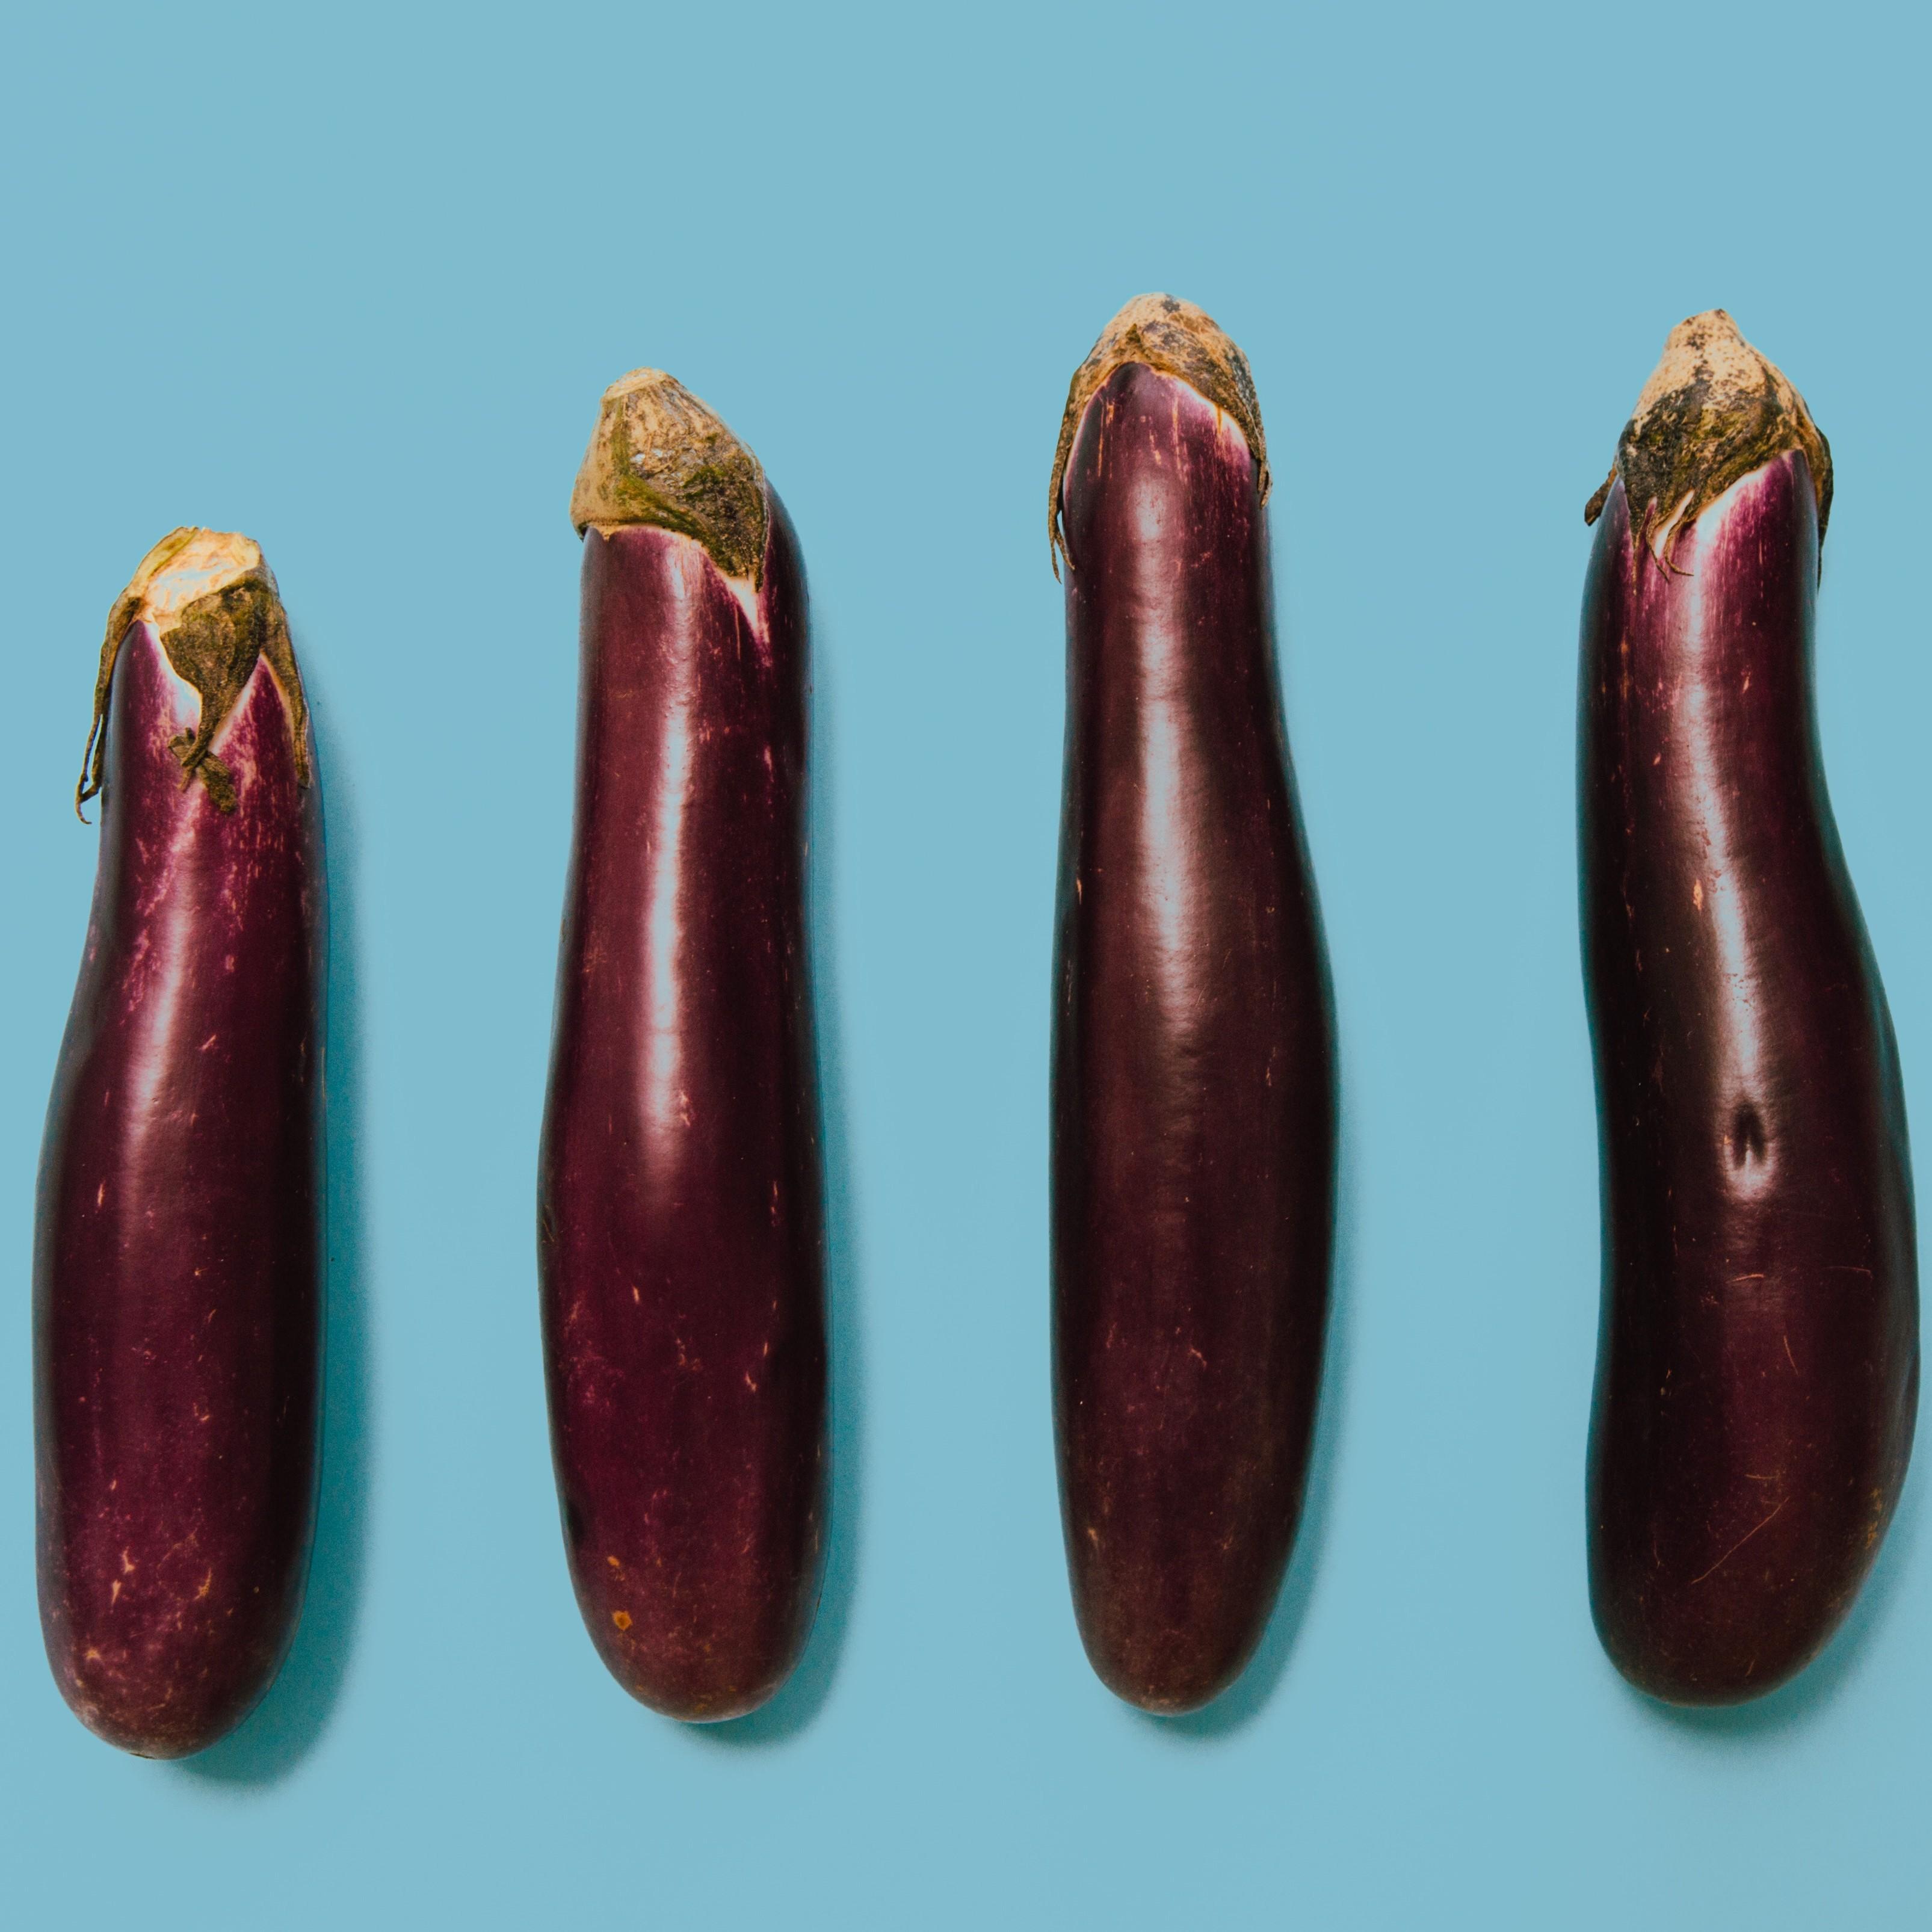 erecția penisului slab ce trebuie făcut